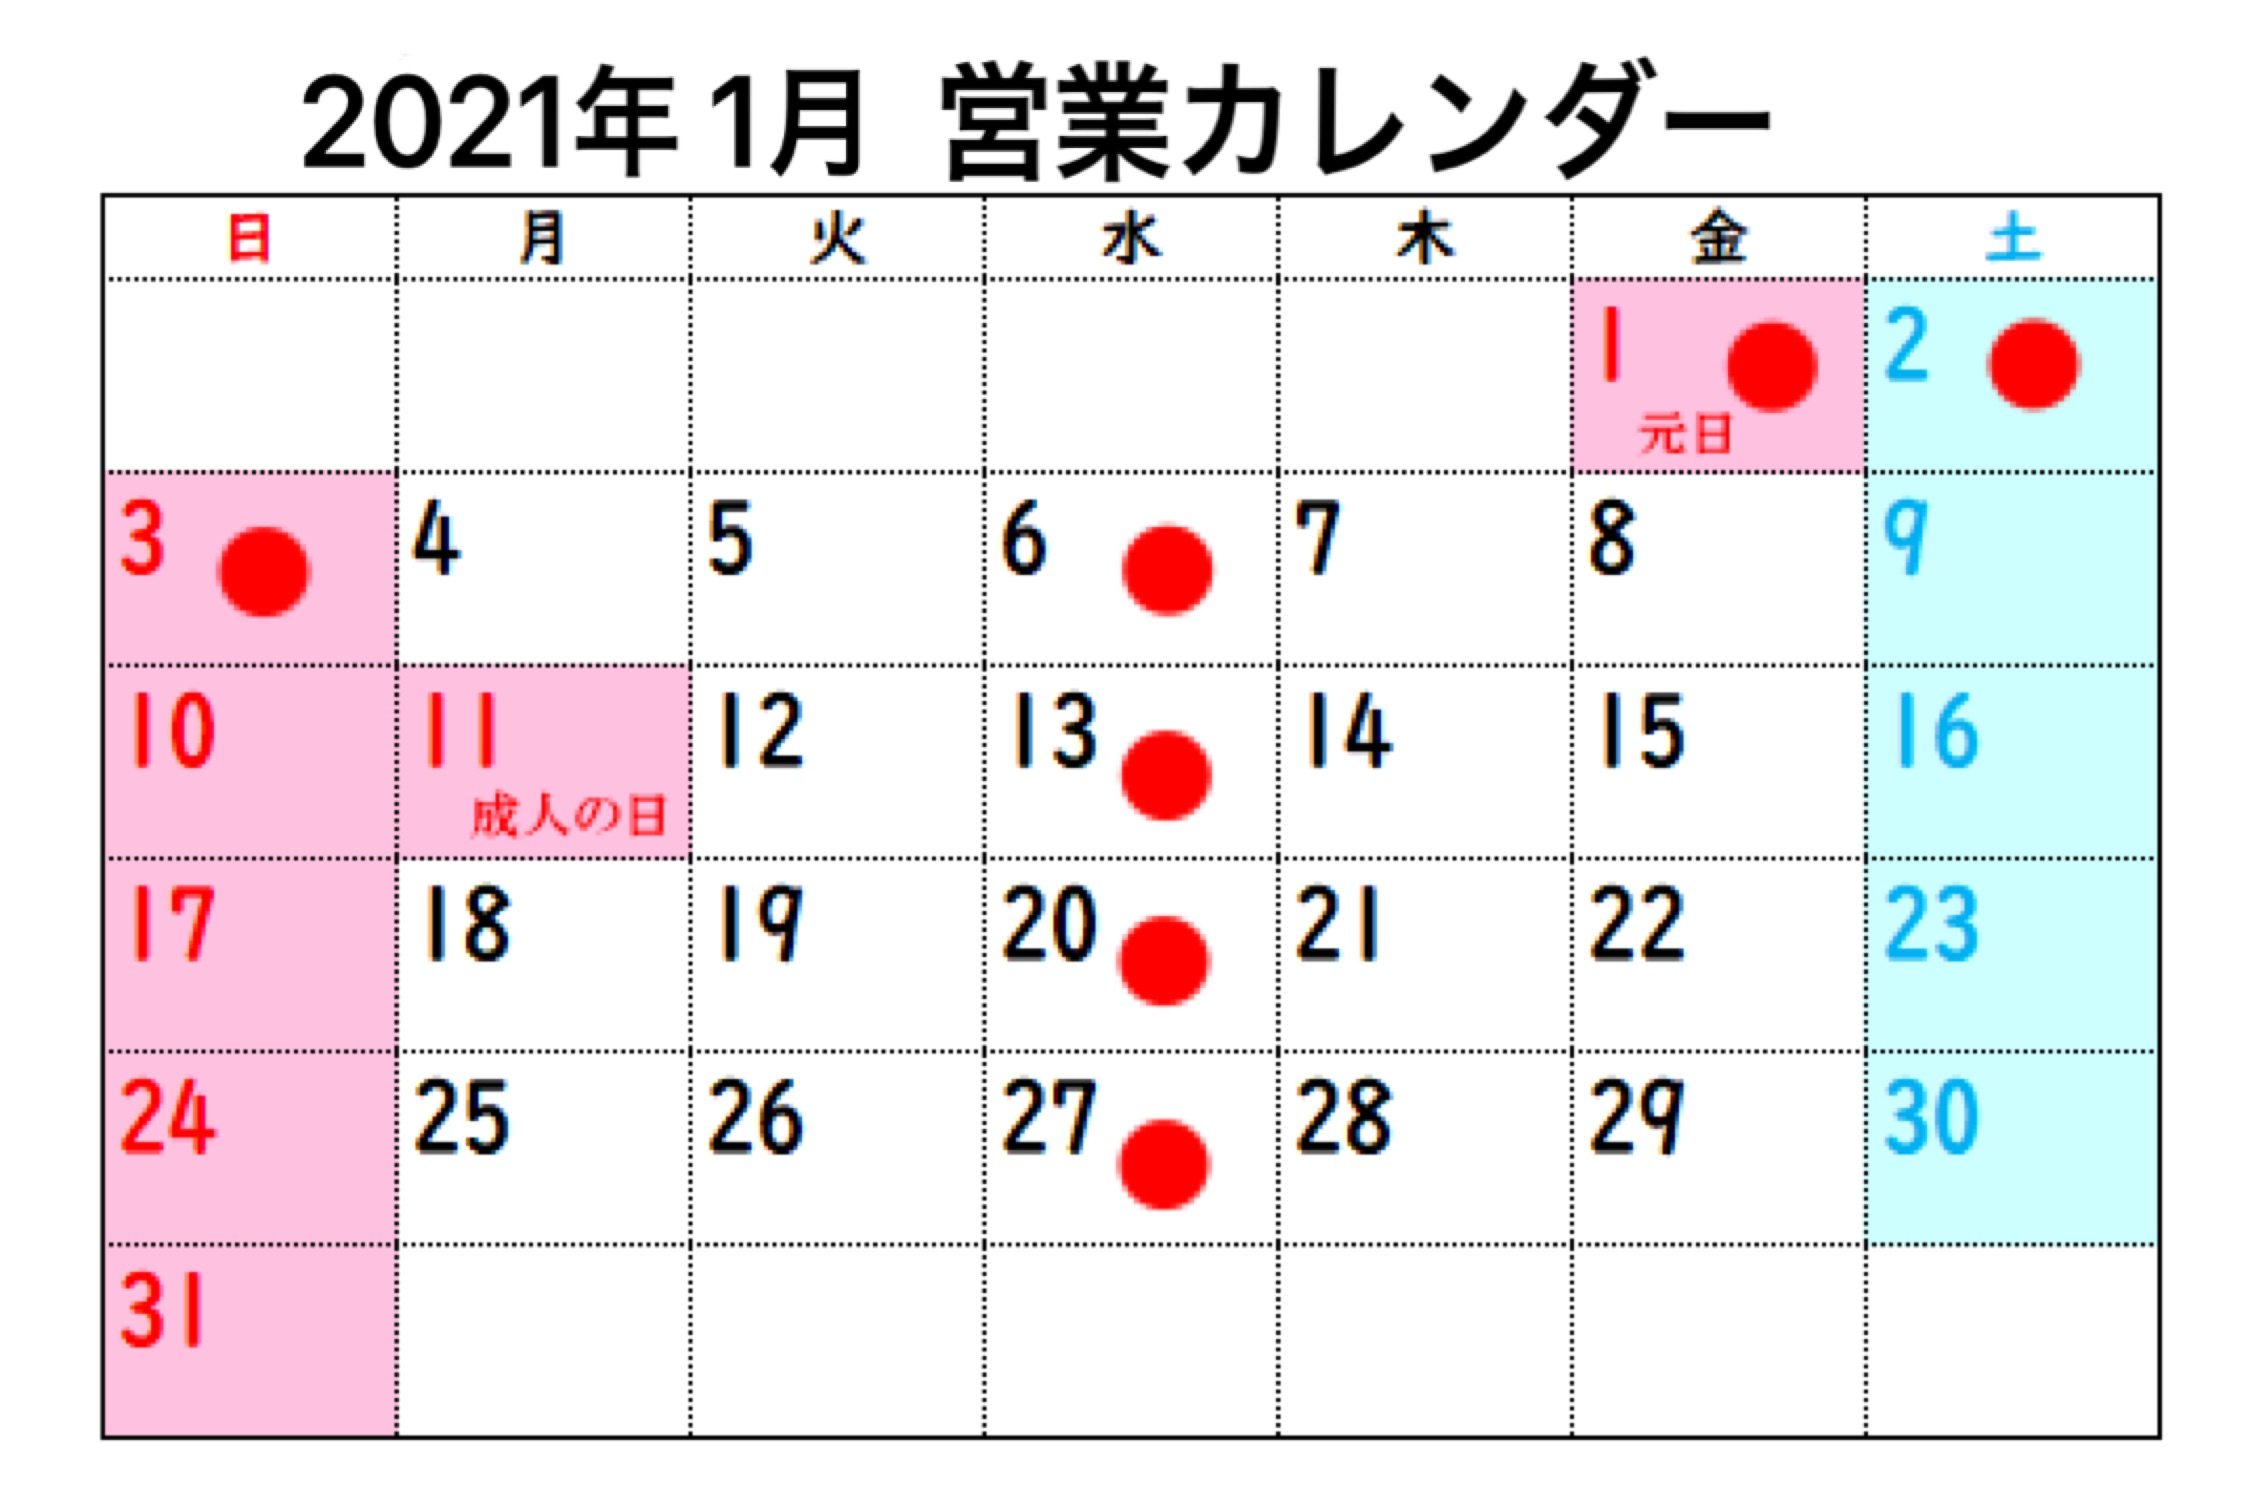 20210104-cd041fda-bf4f-4ca0-a53c-686295ad26a6.jpeg